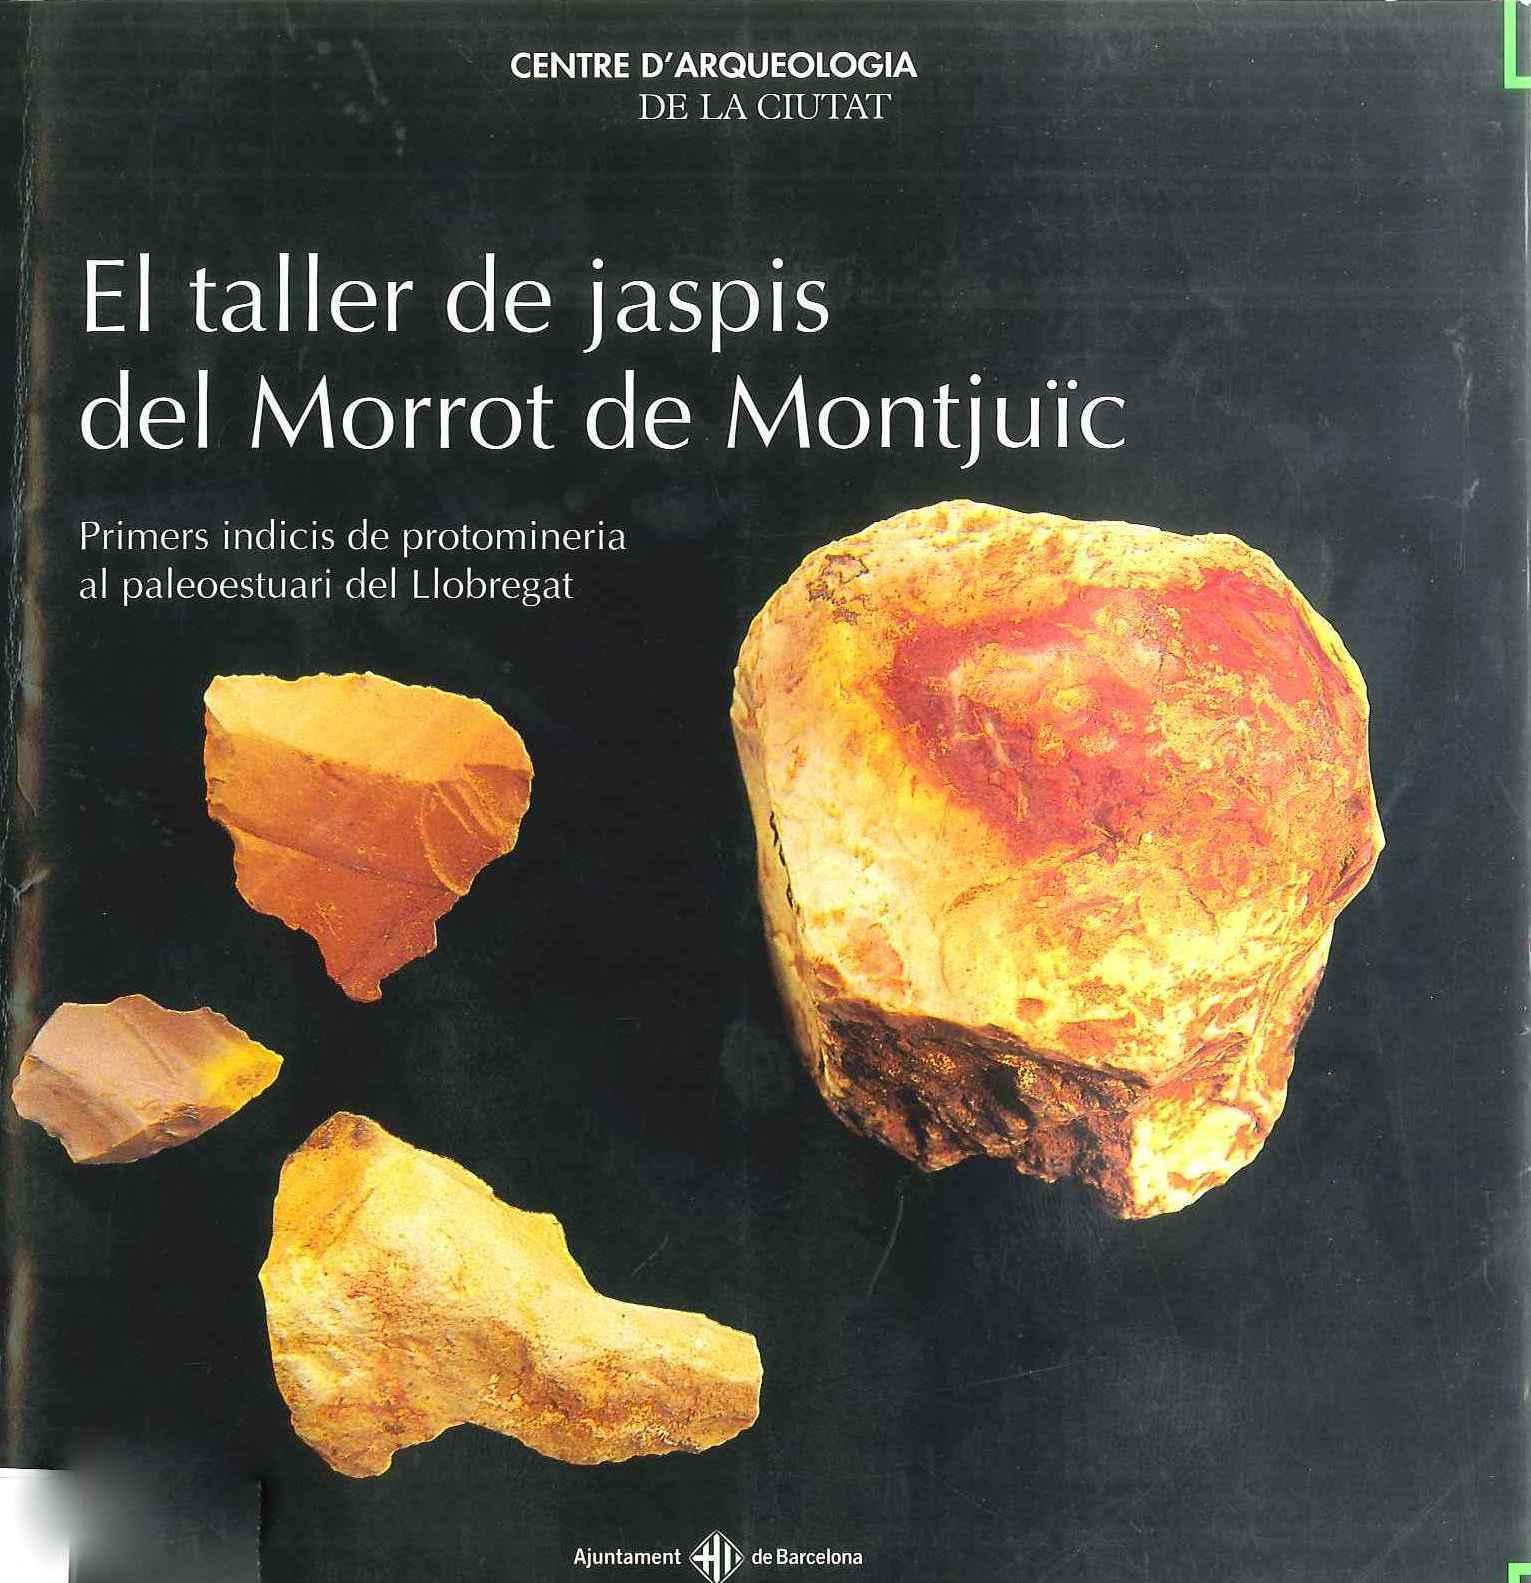 El taller de jaspis del Morrot de Montjuïc: primers indicis de protomineria al paleoestuari del Llobregat